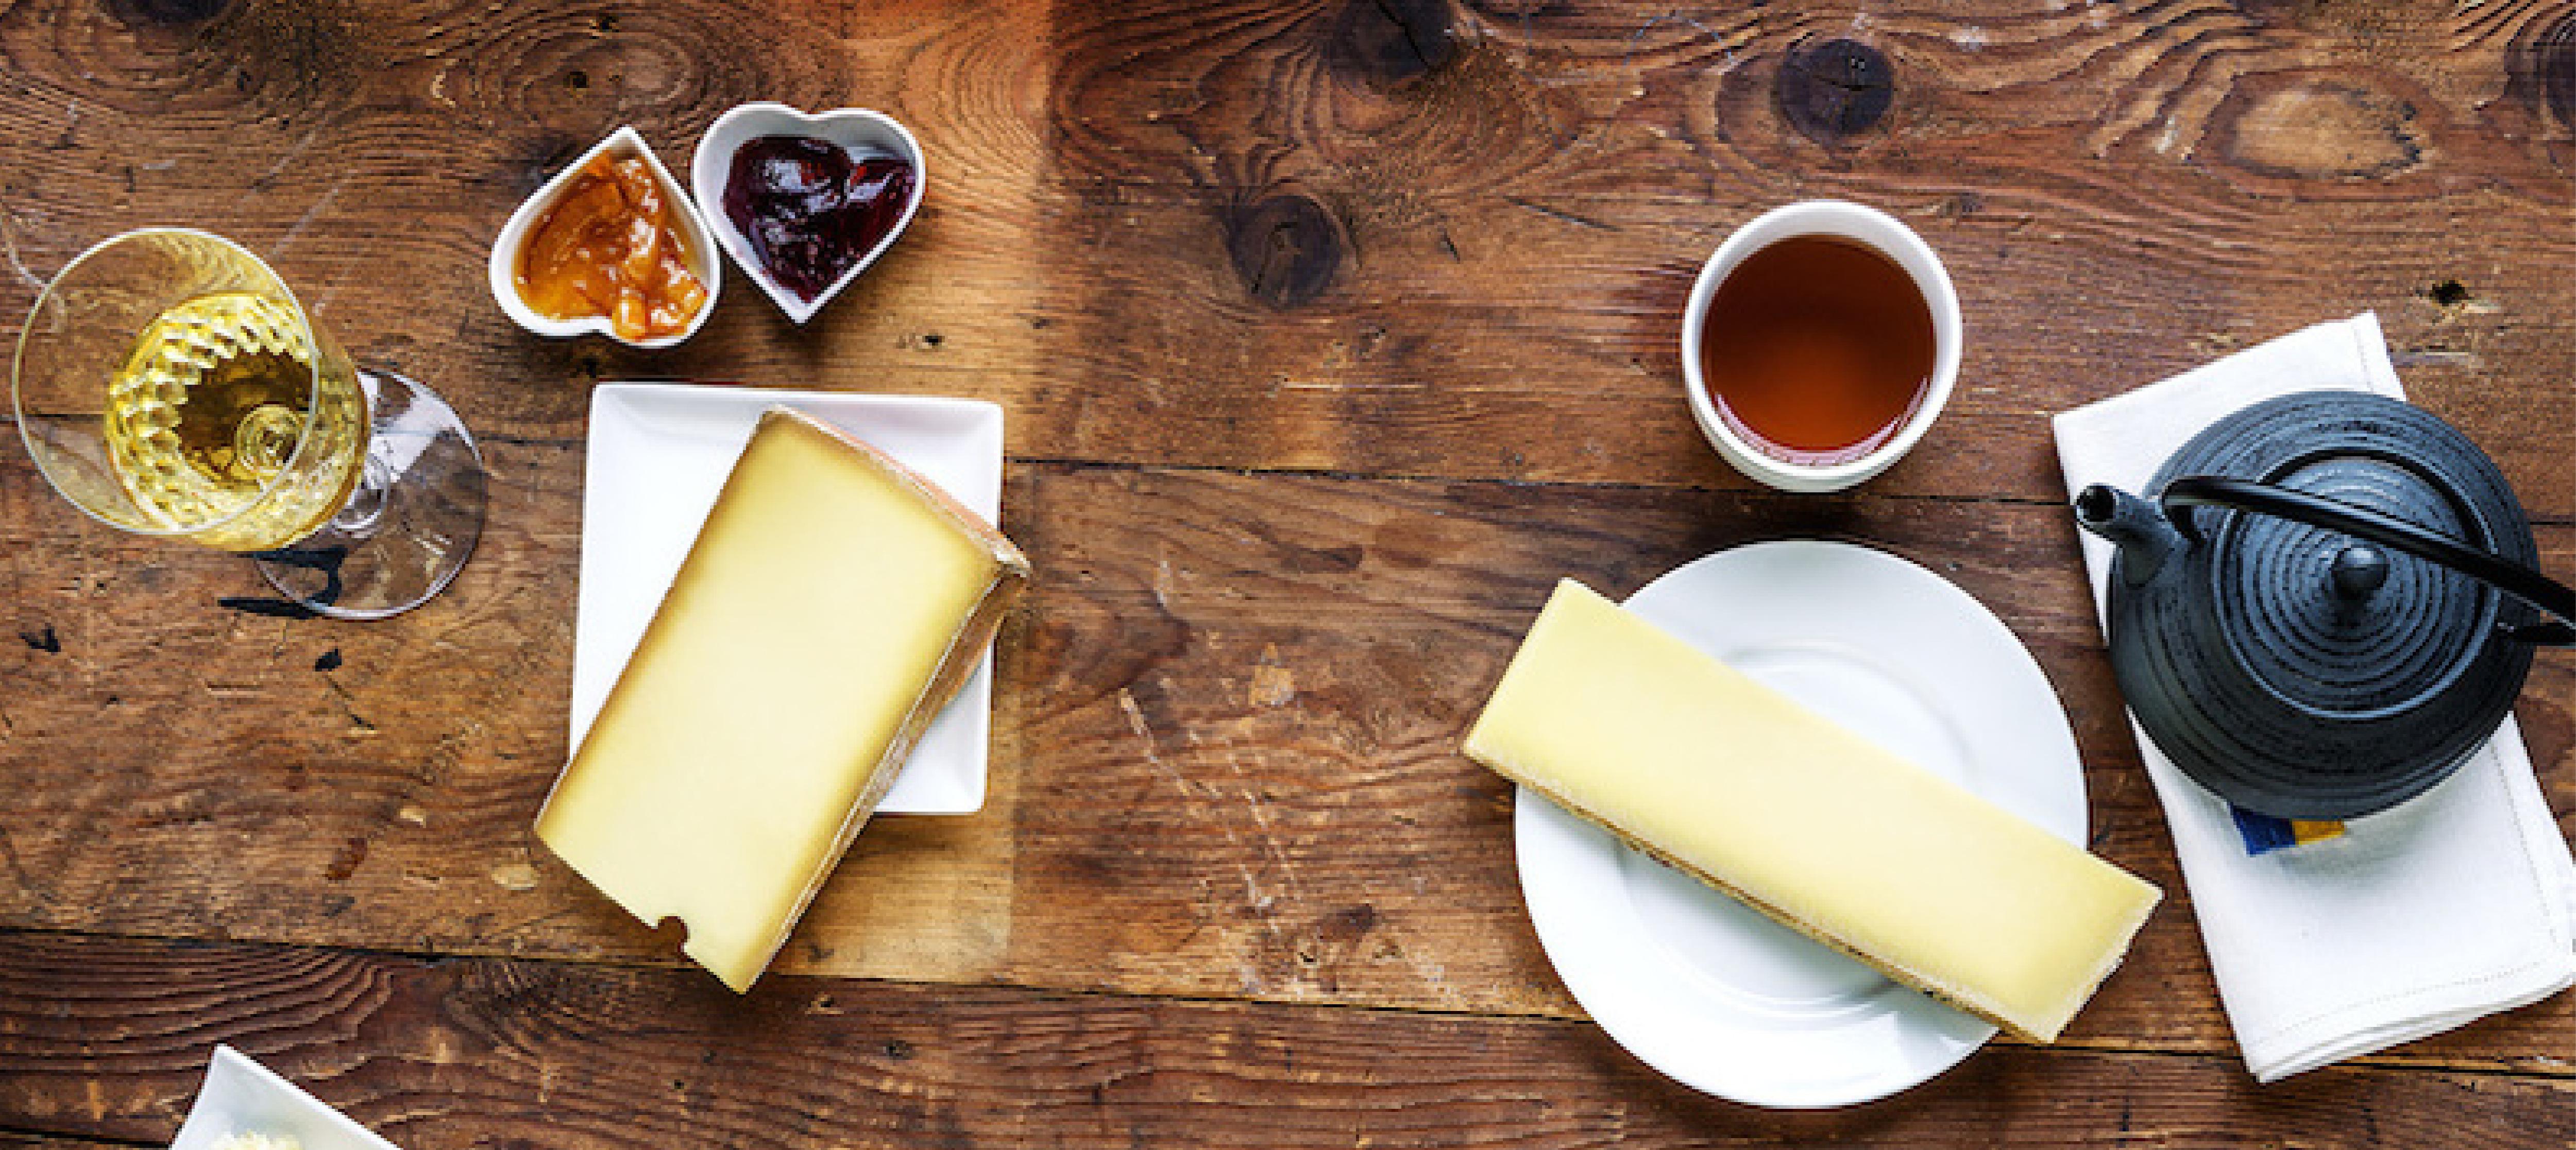 Les bons plans à Bordeaux : La boite du fromager, la box-cadeau qui sent bon le fromage